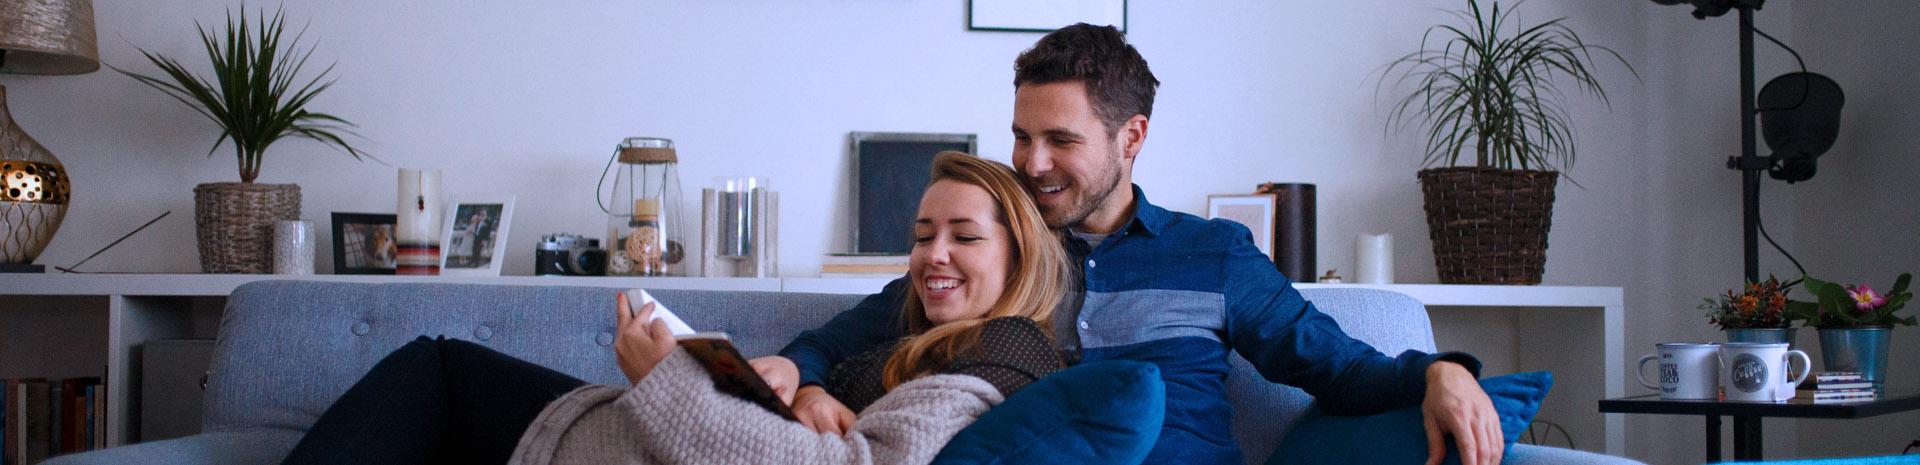 dating gjeld tips for fete gutter dating